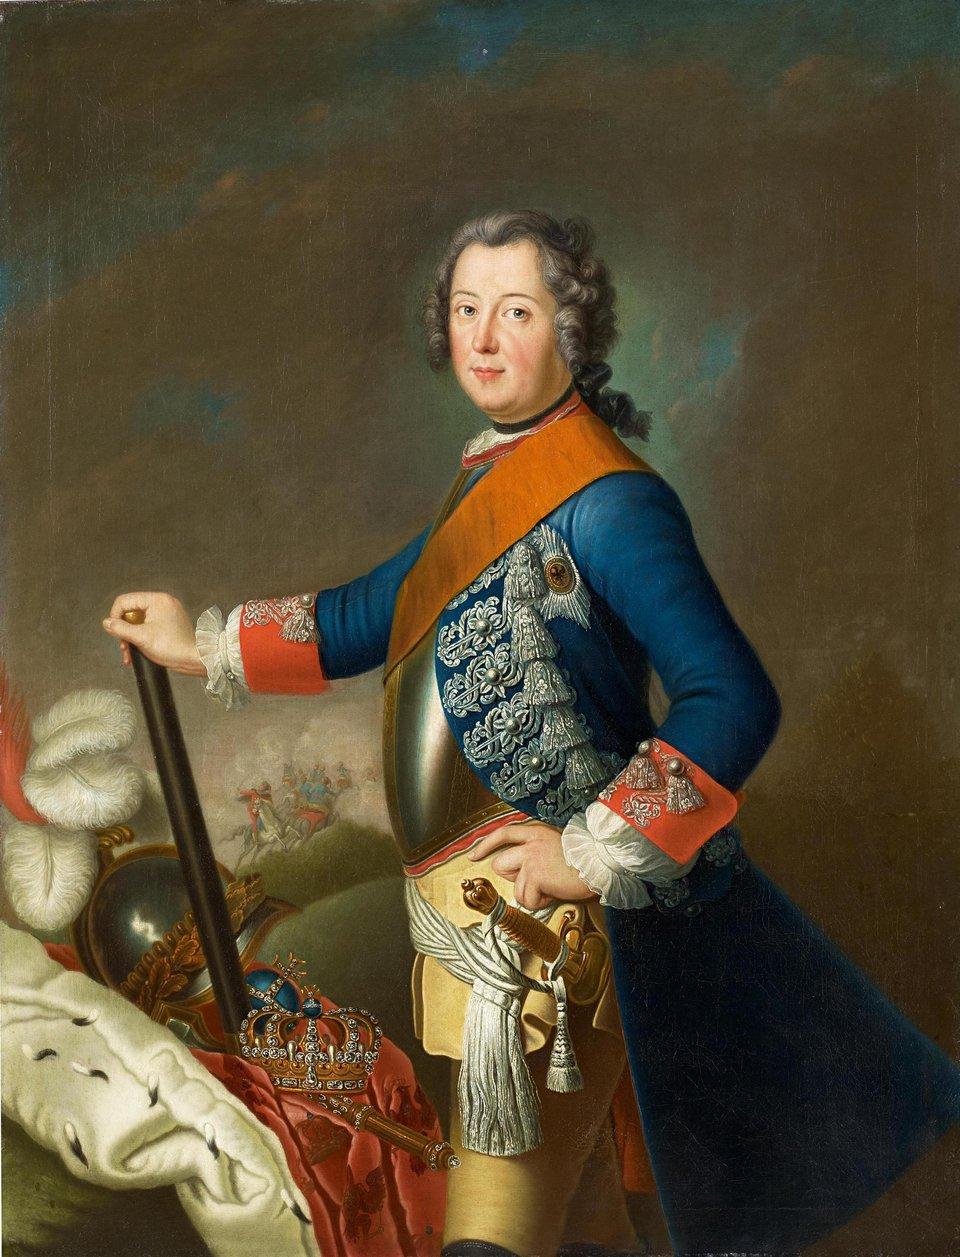 Fryderyk II Fryderyk II na portrecie zok.1740 r. Obraz przypisywany Davidowi Matthieu Źródło: David Matthieu, Fryderyk II, ok. 1740, Van Ham Kunstauktionen, domena publiczna.